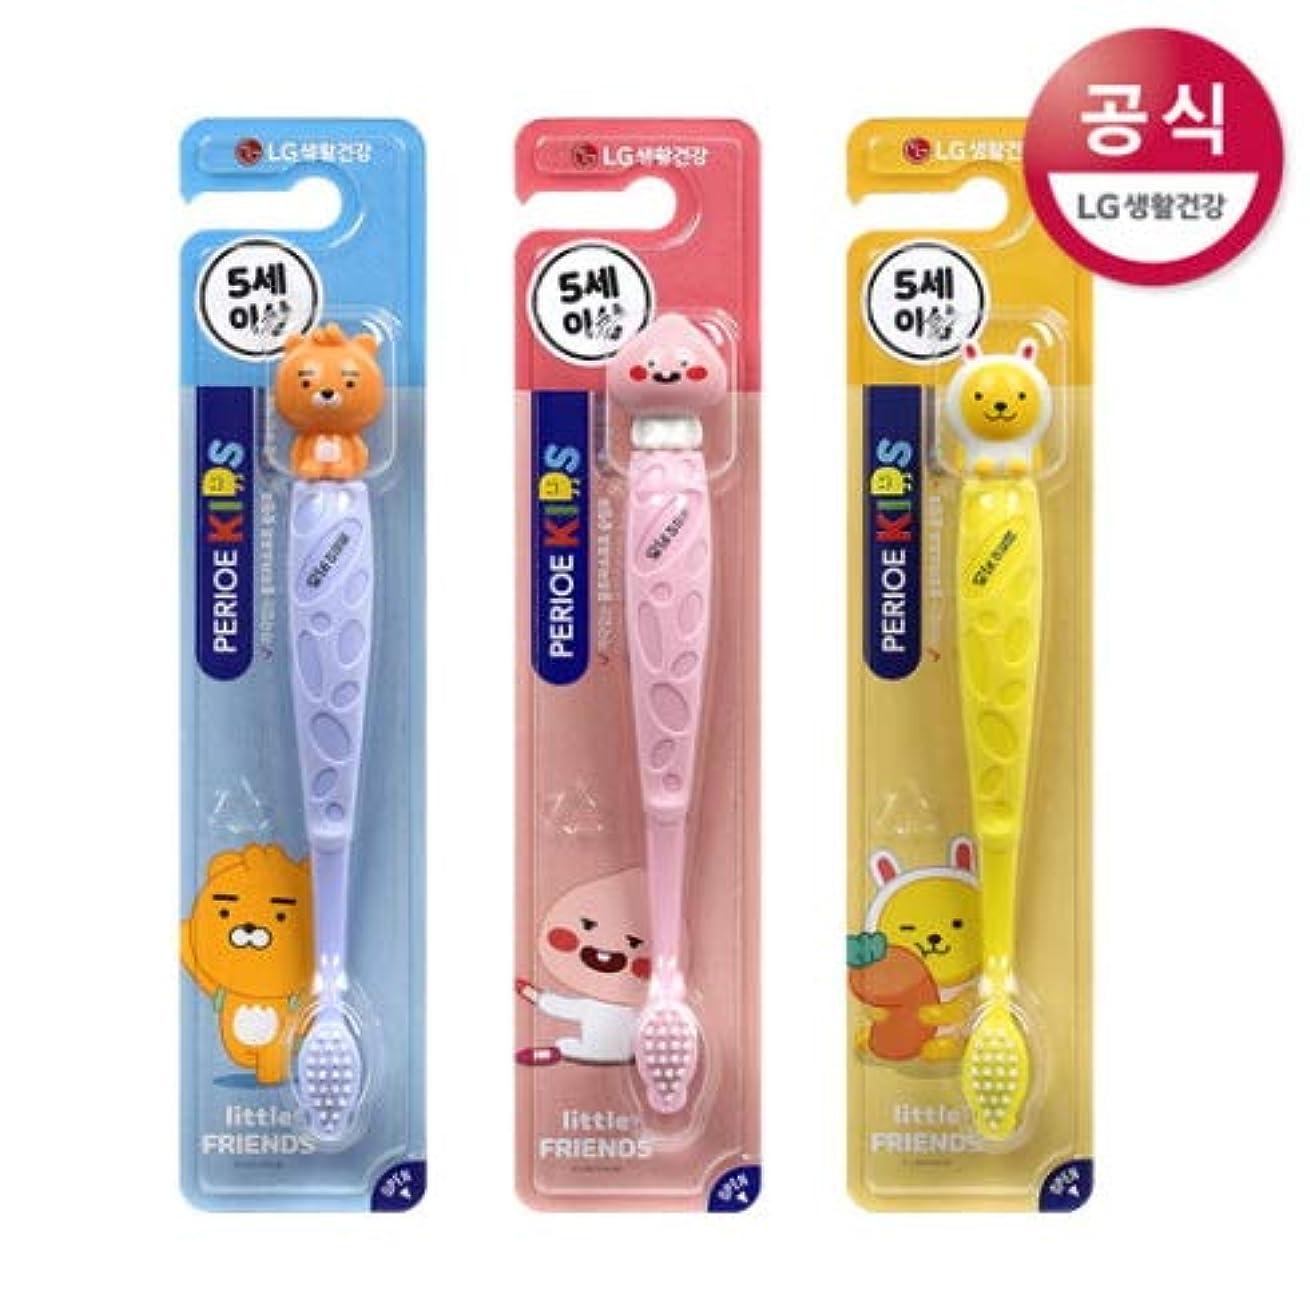 ドールラメエチケット[LG HnB] Pero Kids Cocoa Figure Toothbrush/ペリオ子供カカオフィギュア歯ブラシ 1口x3個(海外直送品)